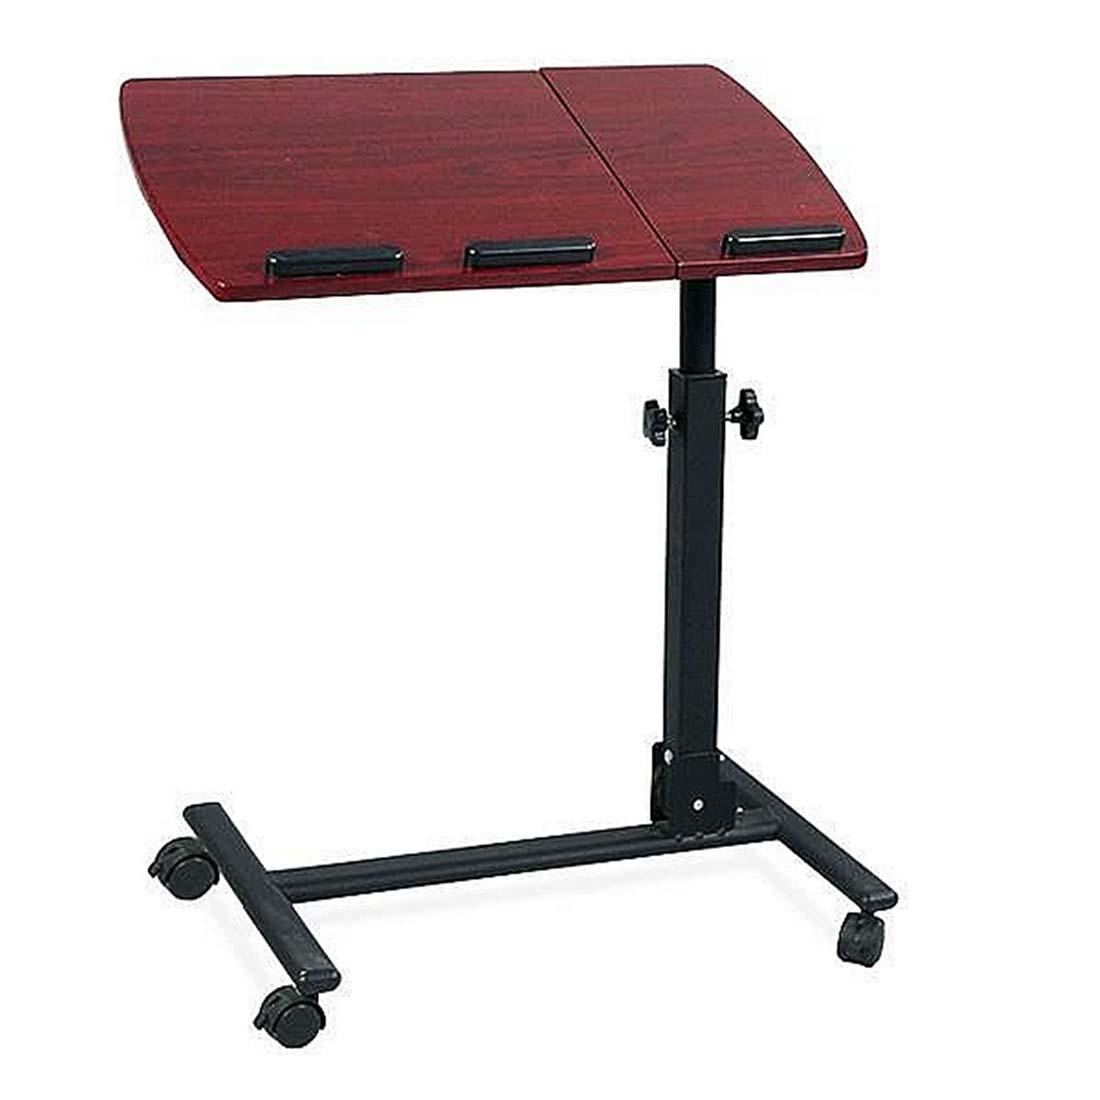 socle de l 39 ordinateur de bureau promotion achetez des socle de l 39 ordinateur de bureau. Black Bedroom Furniture Sets. Home Design Ideas